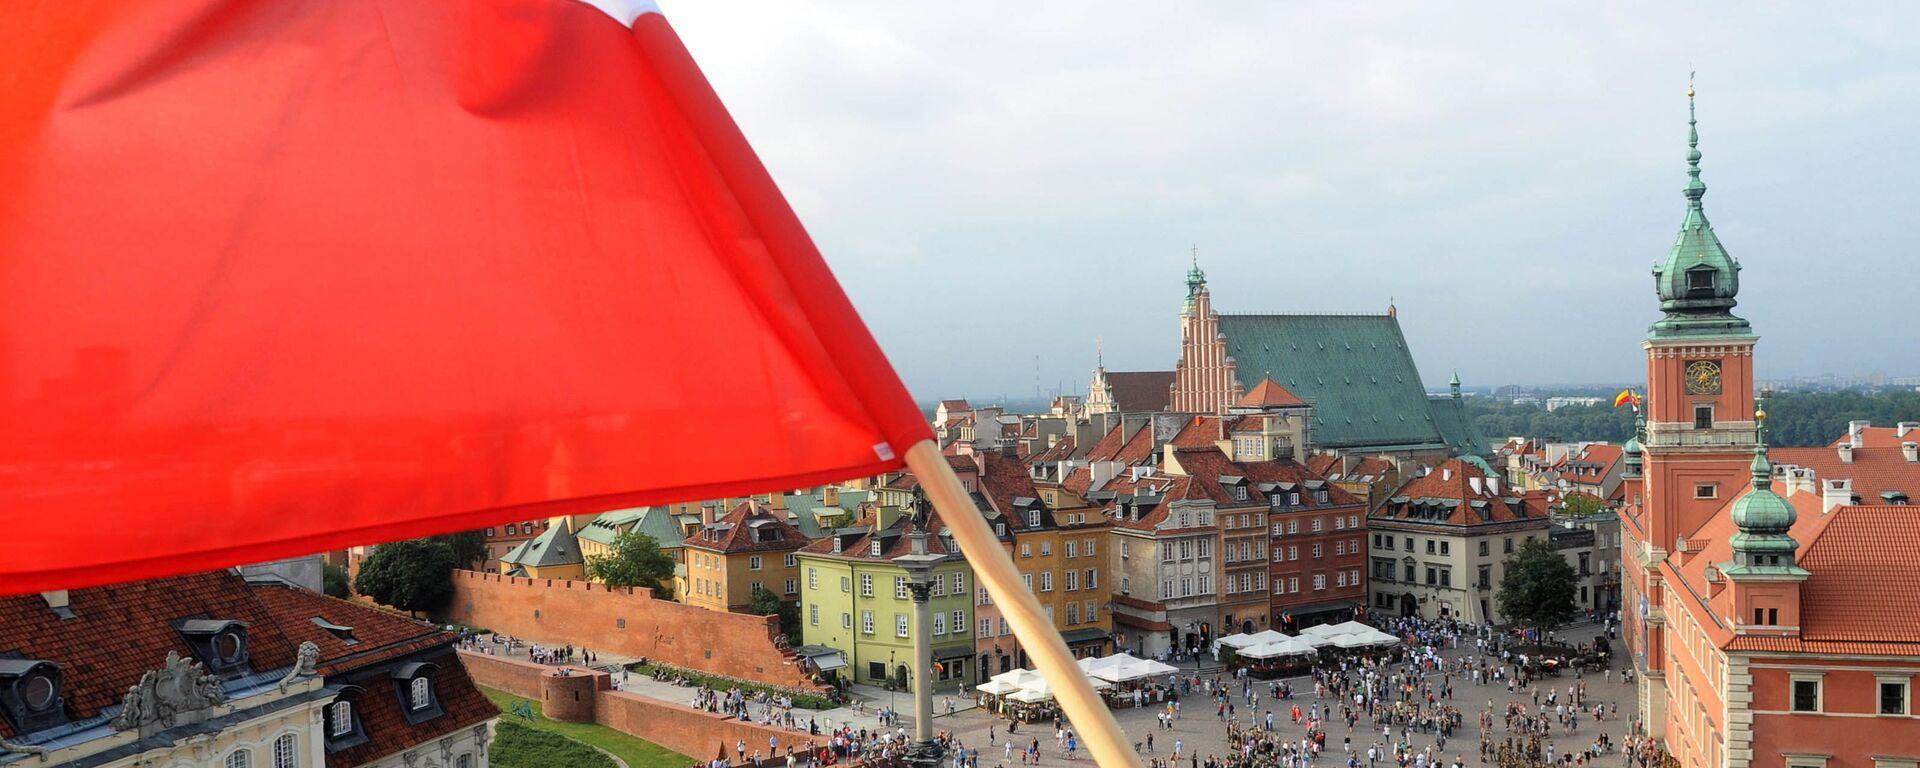 Flaga Polski na jednym z budynków w Warszawie - Sputnik Polska, 1920, 12.06.2019